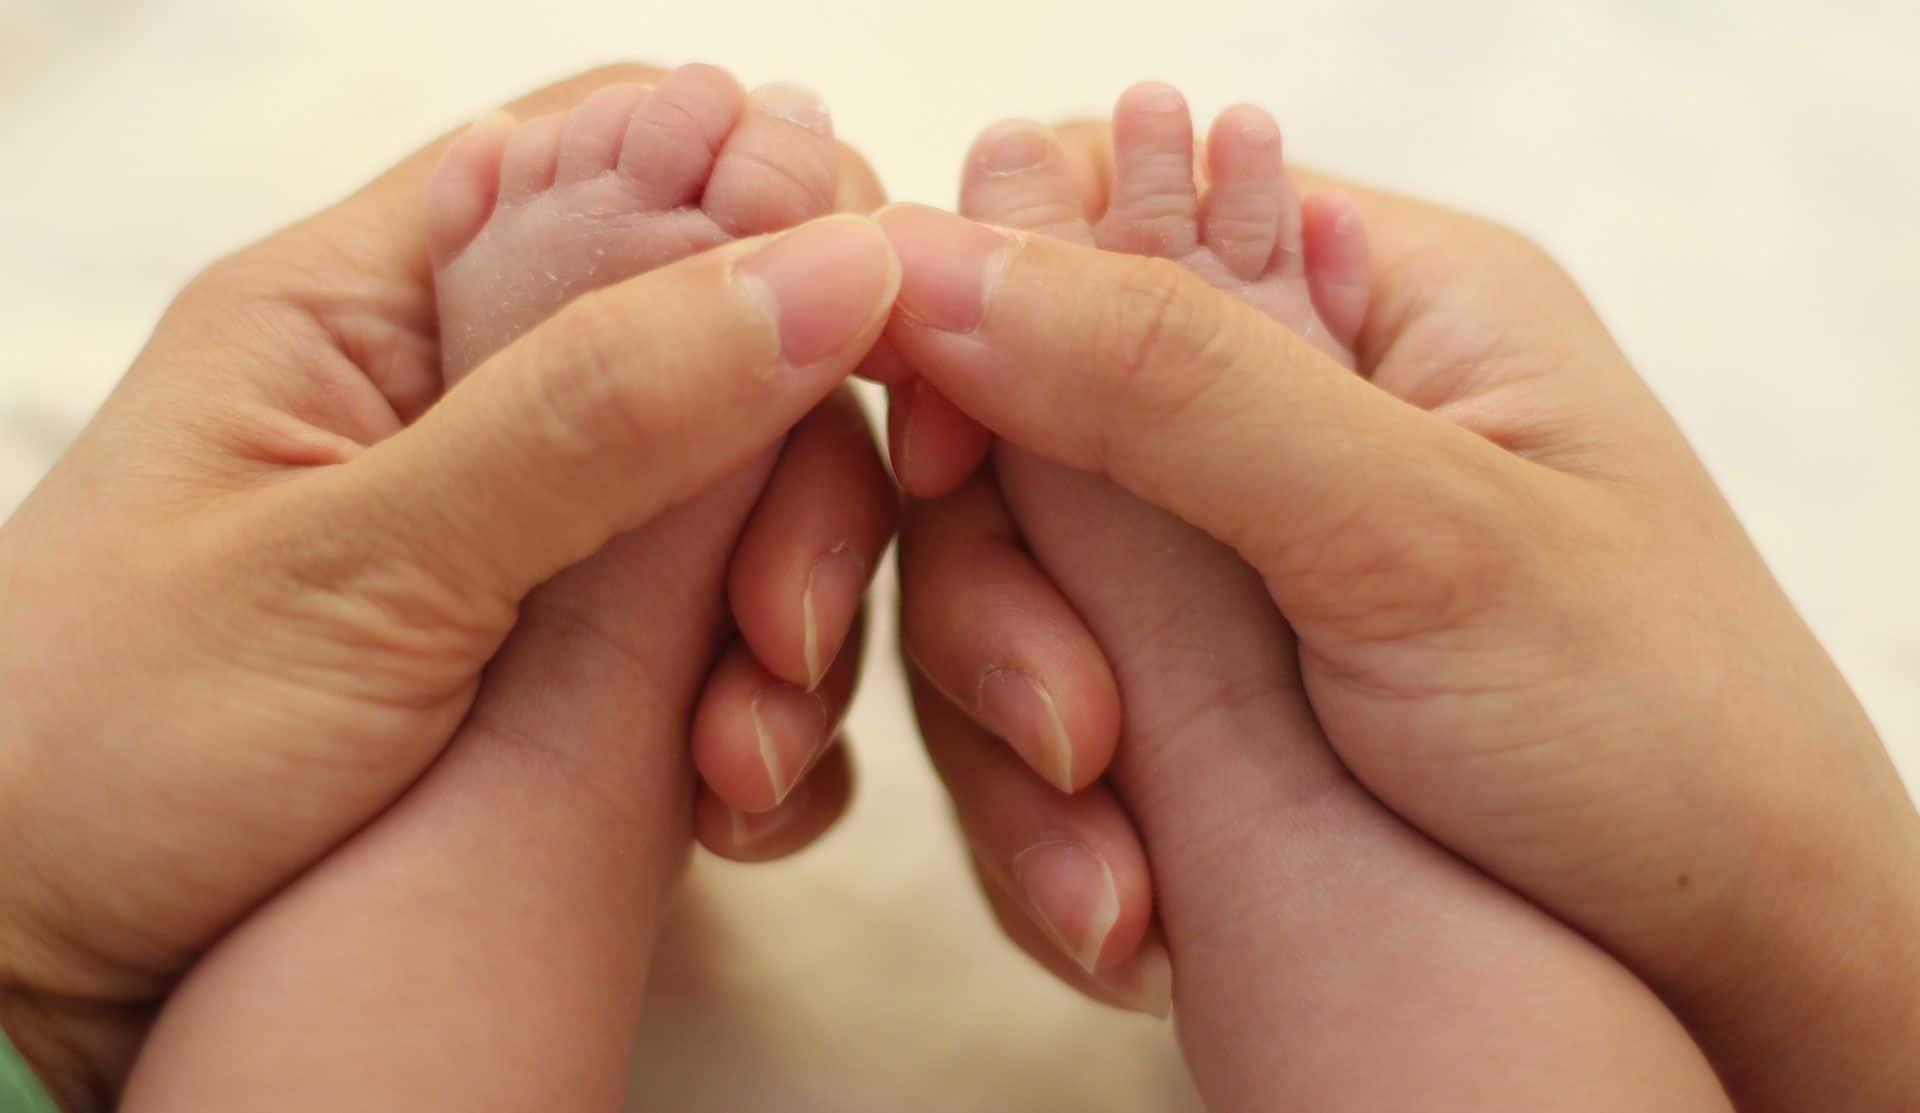 Riabilitazione pediatrica dopo intervento chirurgico Nicola Portinaro Humanitas